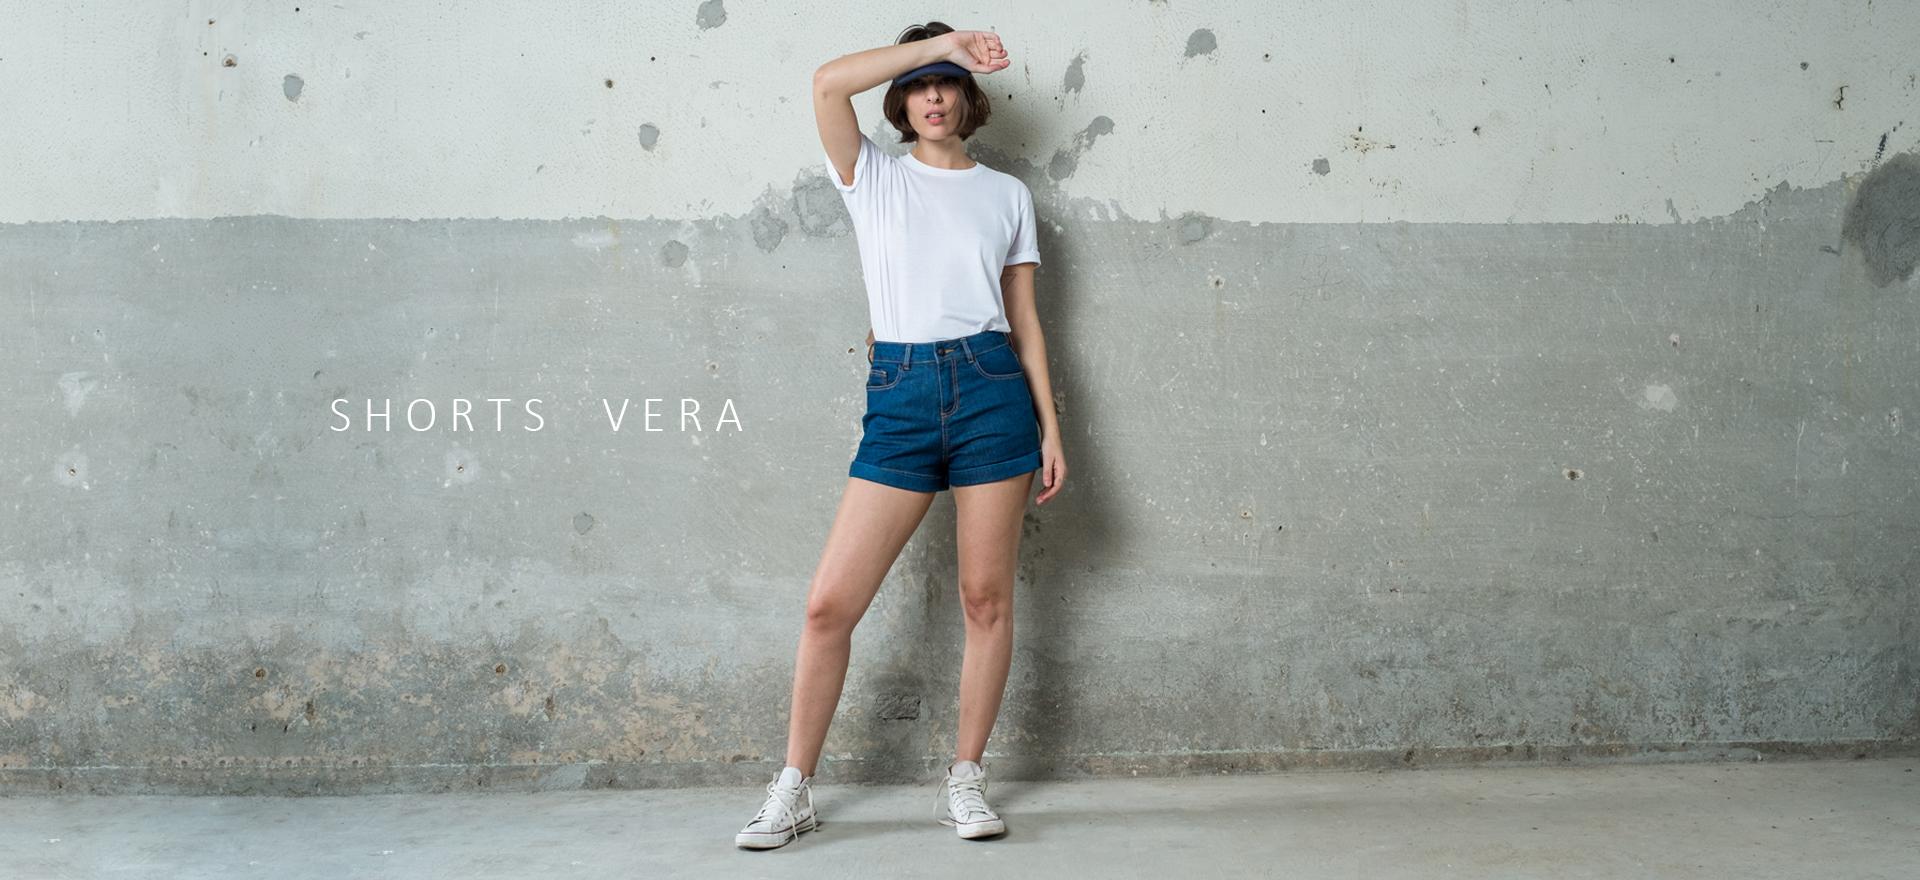 banner-site-short-vera